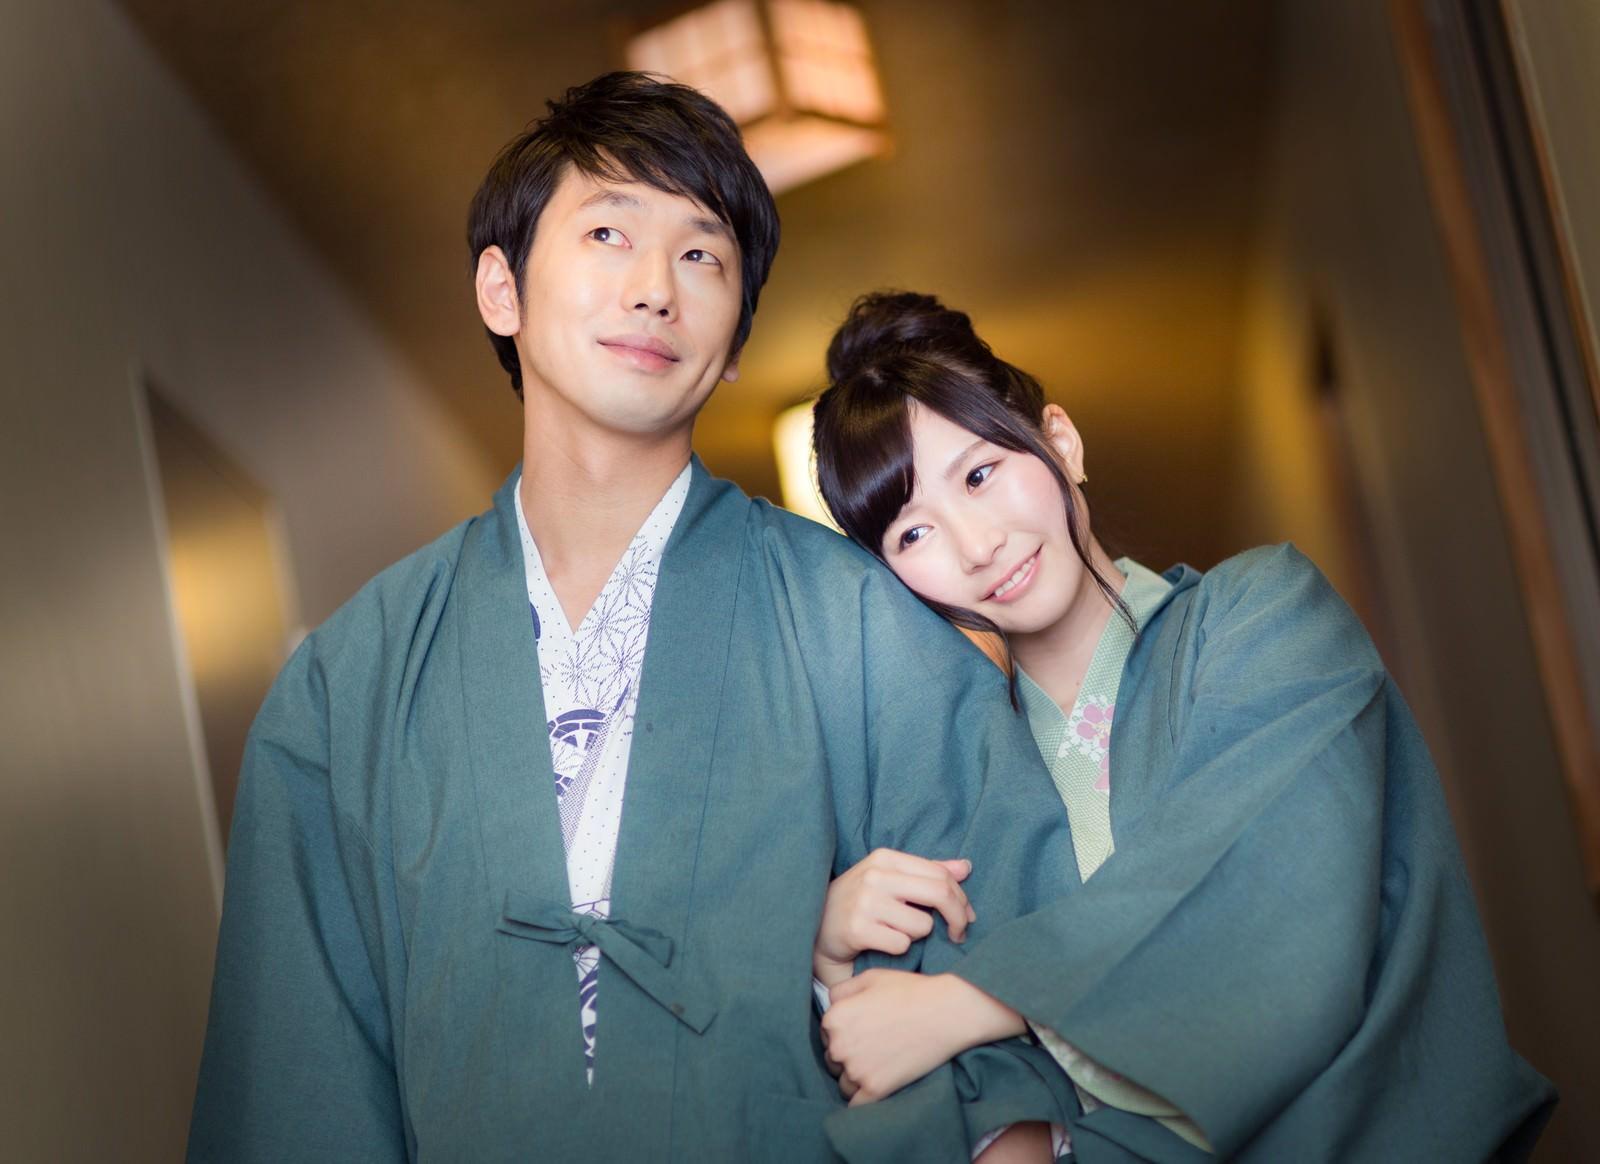 「初めての温泉旅行を満喫するカップル」の写真[モデル:大川竜弥 伊藤里織]